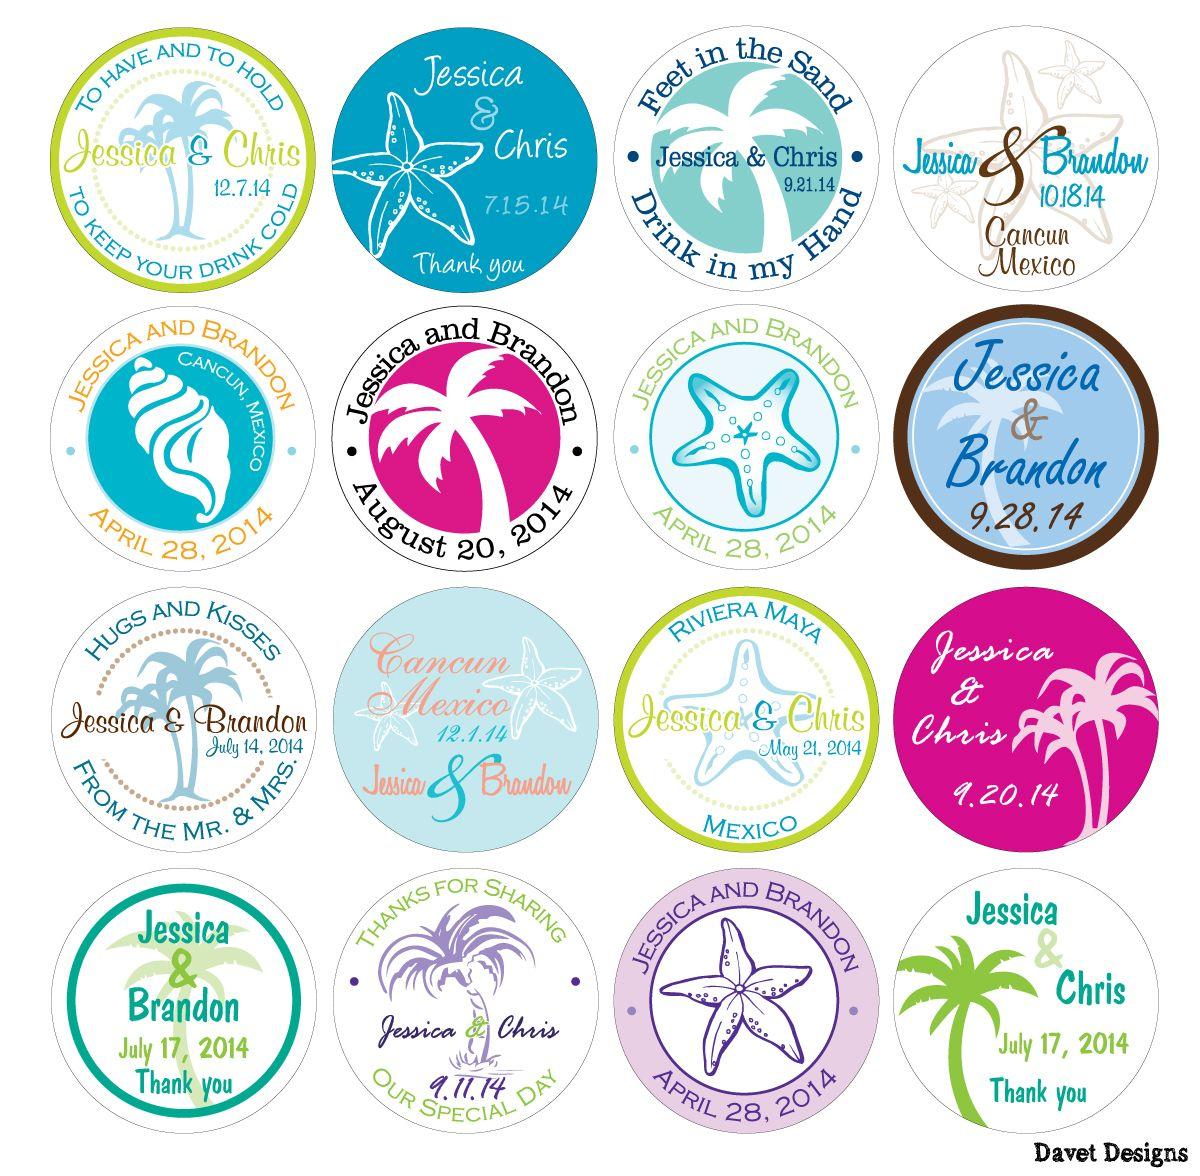 Personalized Destination Wedding Stickers by Davet Designs | wedding ...